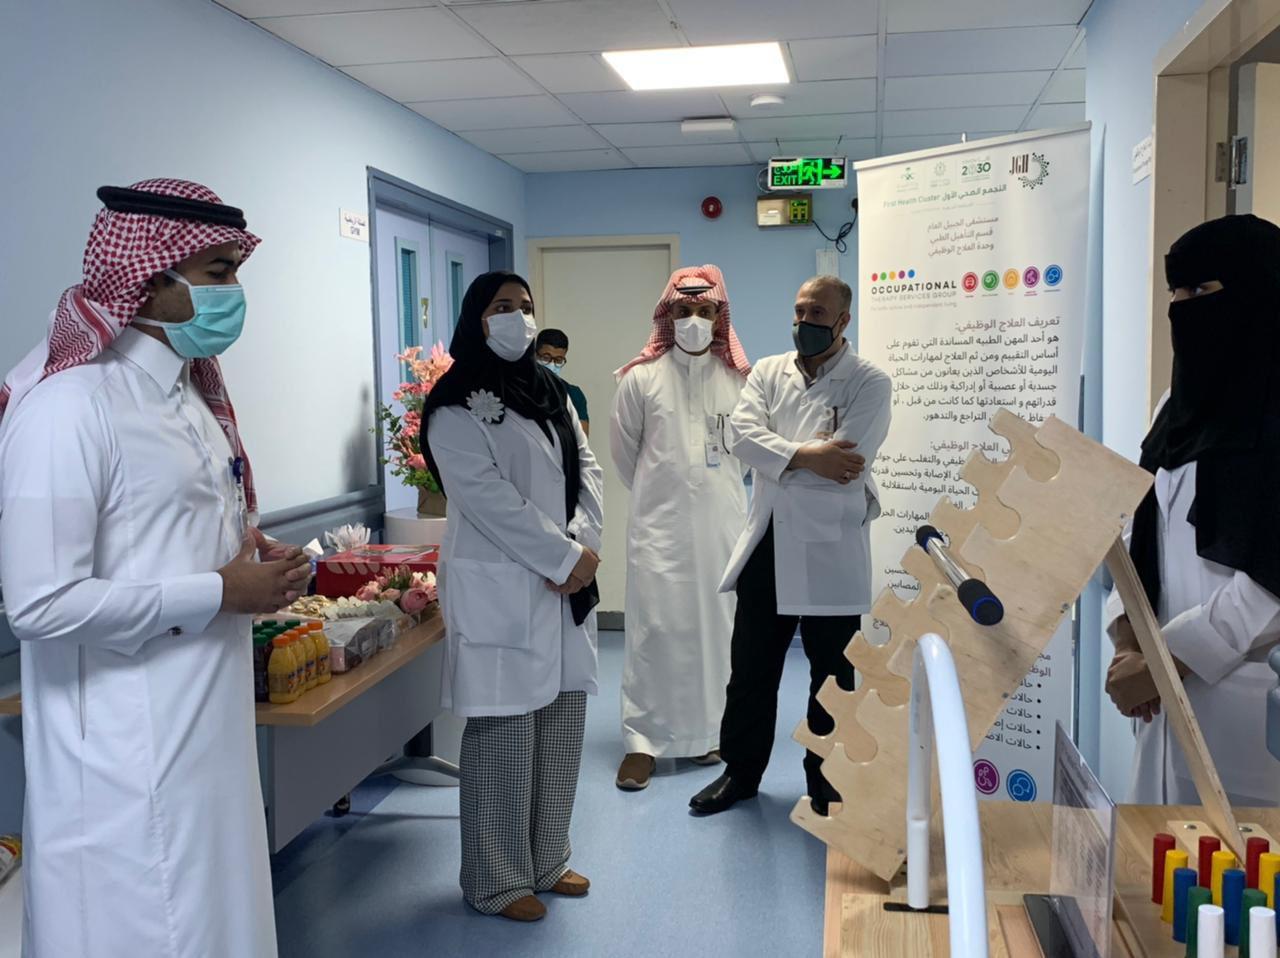 السعودية ..  افتتاح وحدة علاج وظيفي بمستشفى الجبيل العام